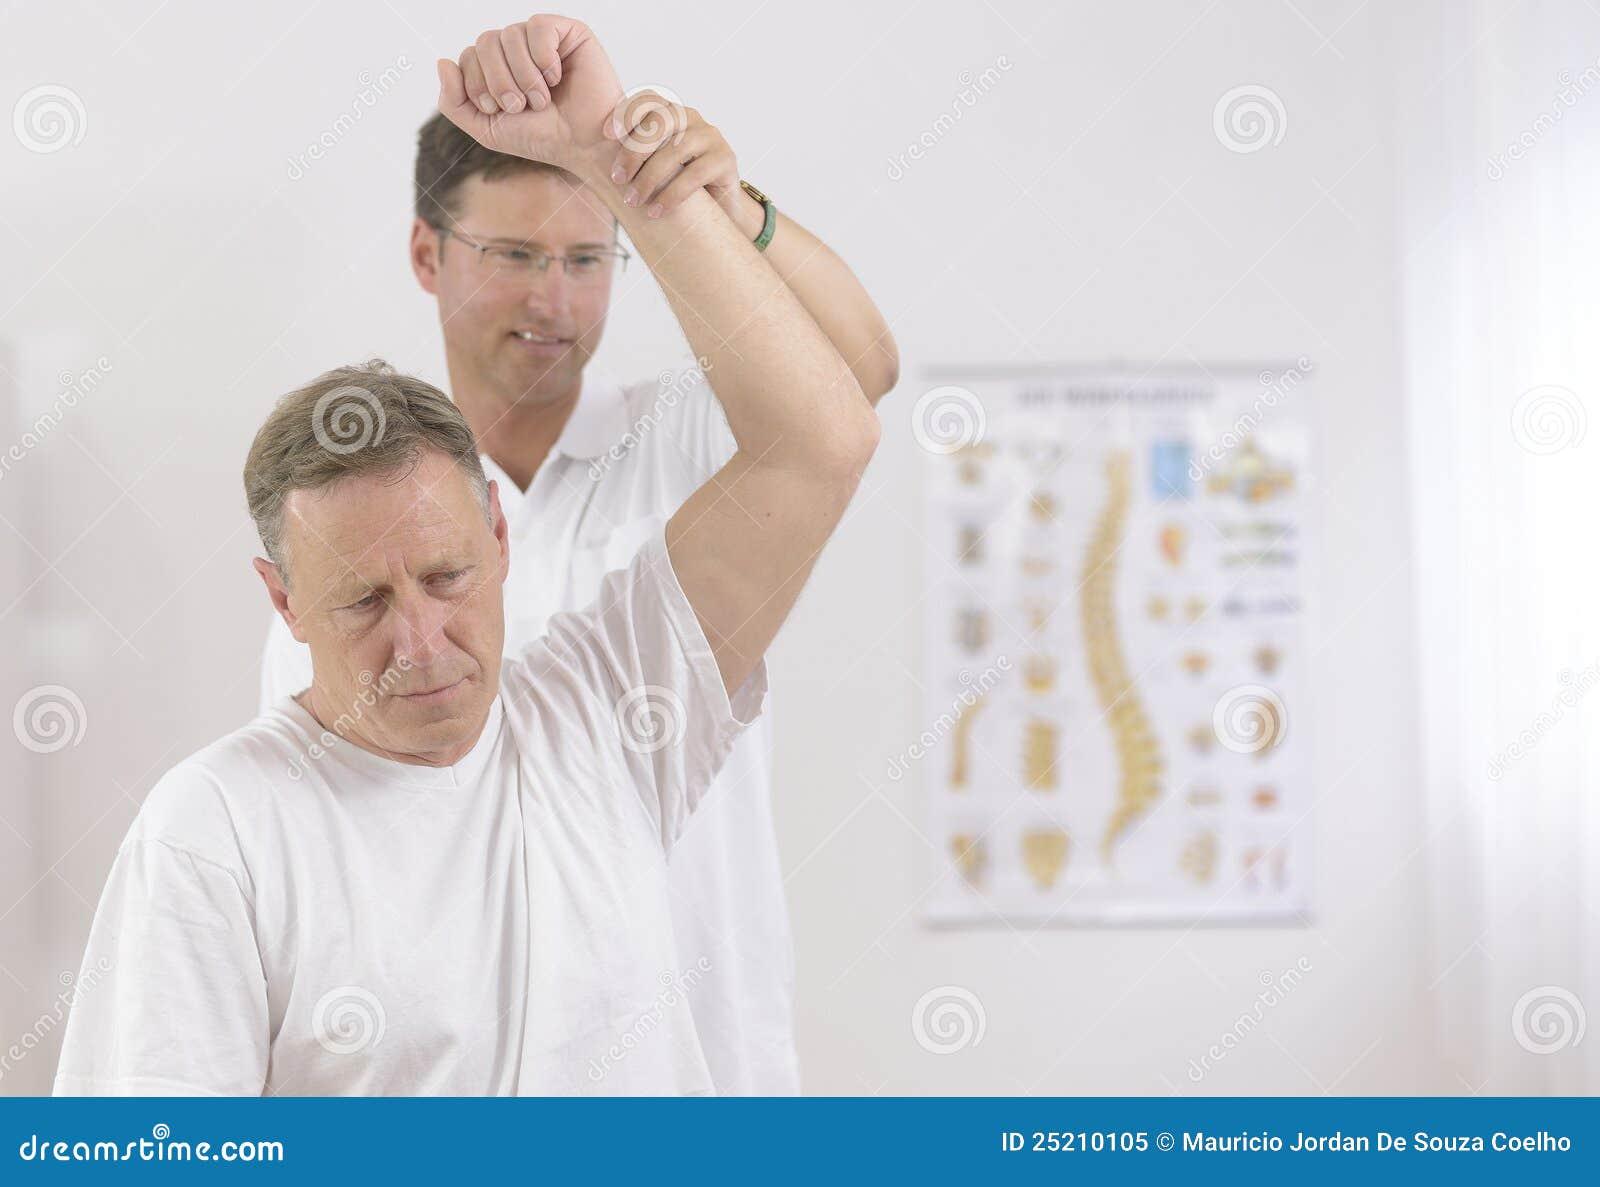 人理疗医师物理疗法前辈